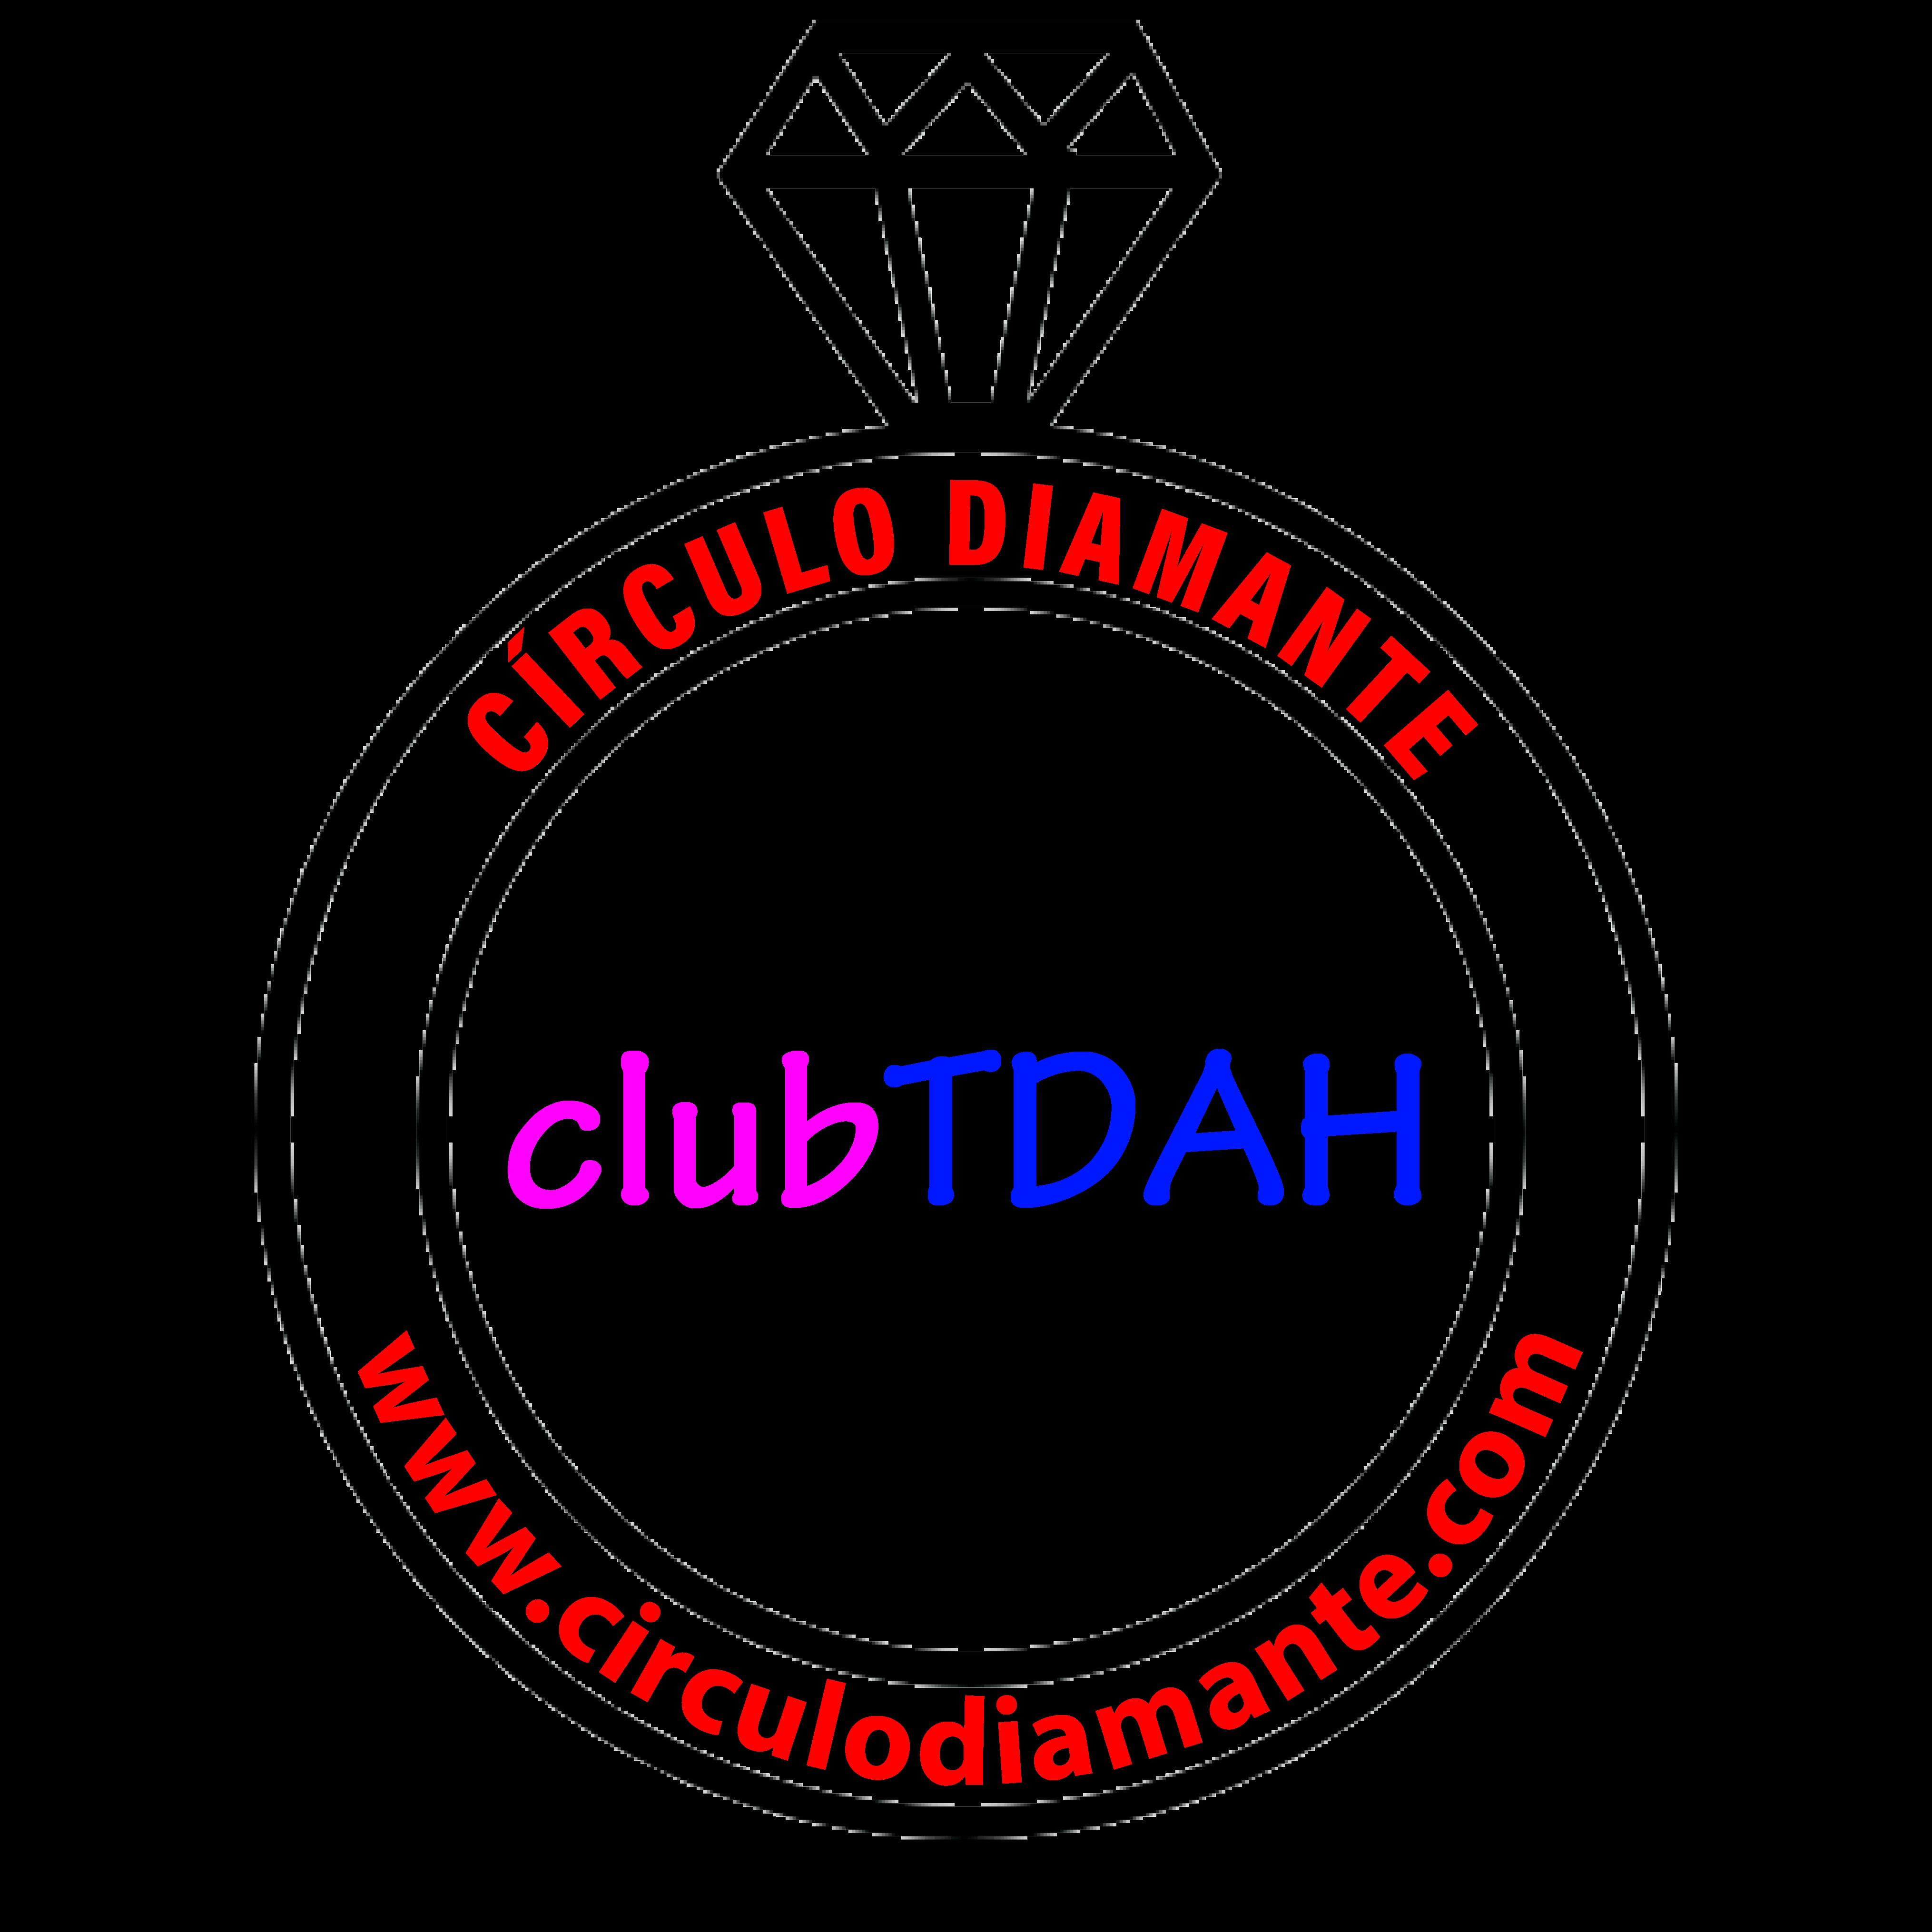 Circulo Diamante del clubTDAH